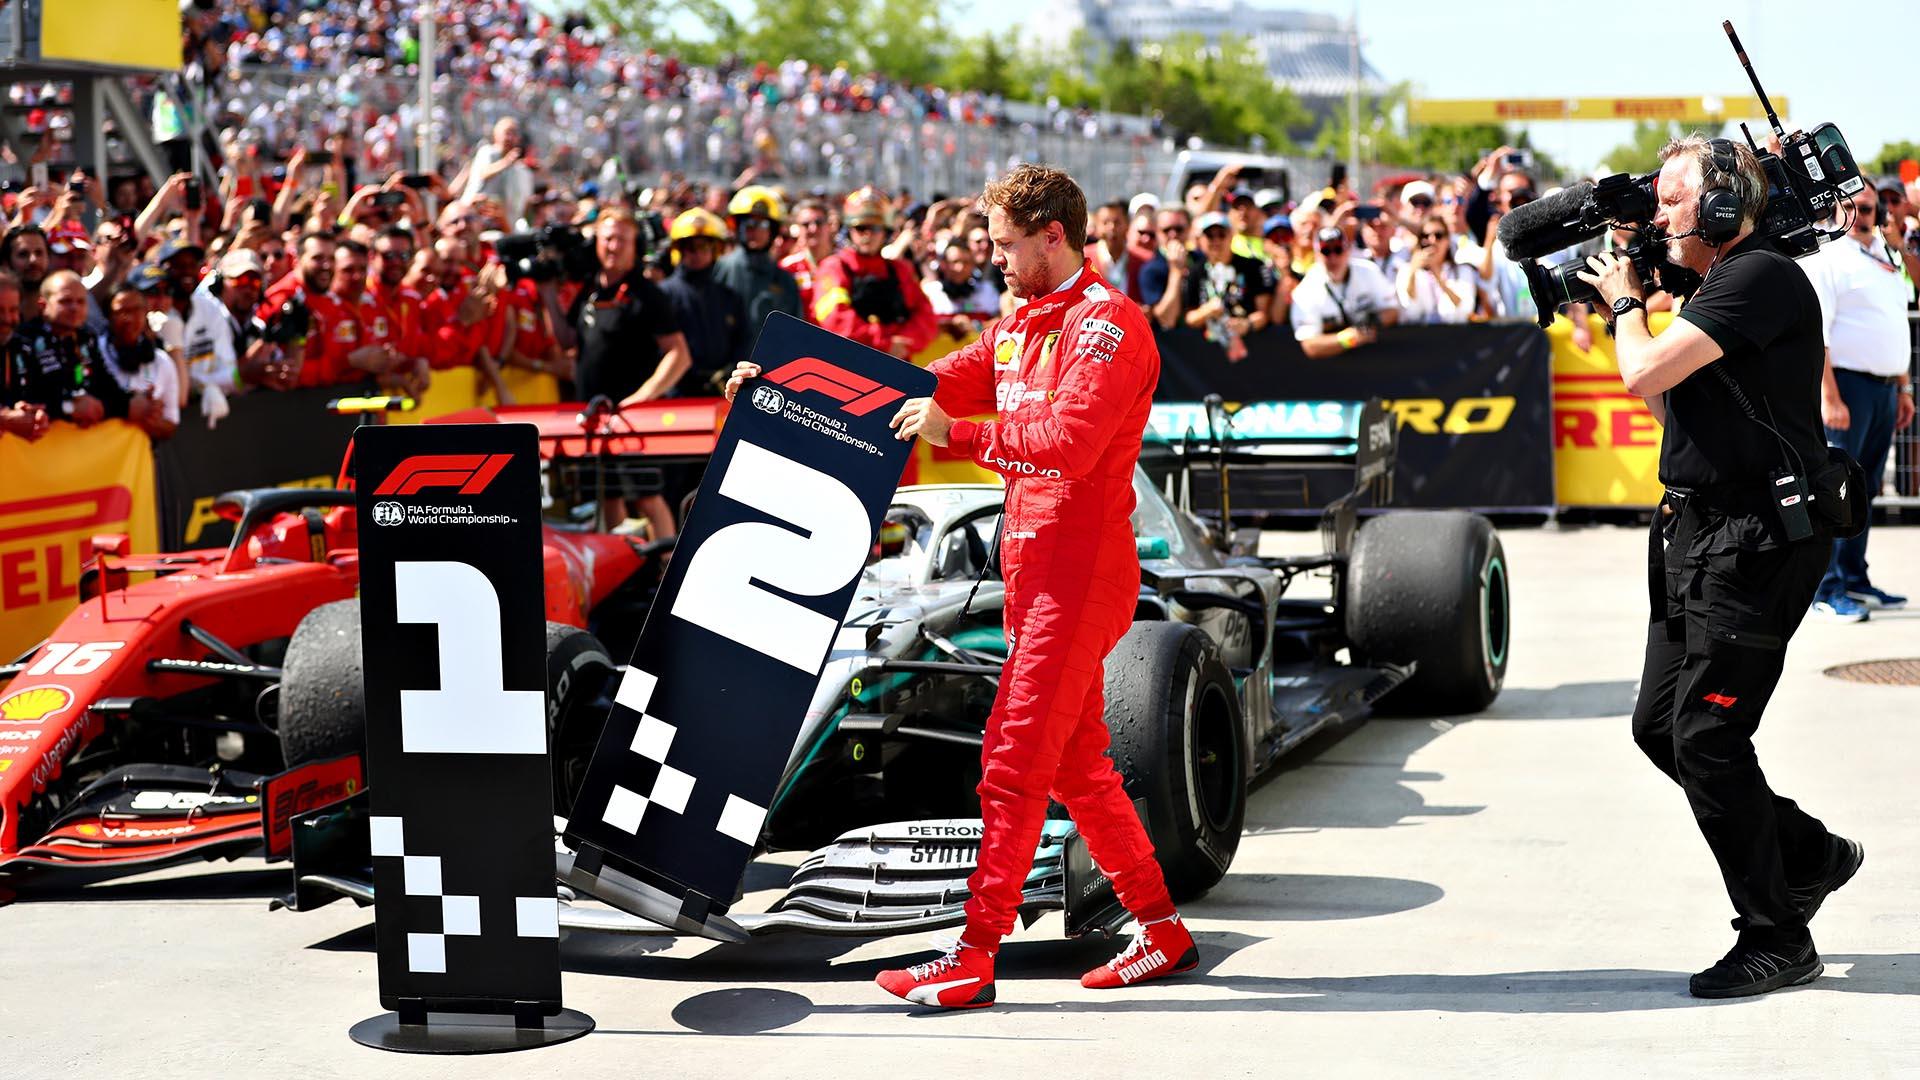 Vídeo: La dura reacción de Vettel al perder una carrera con Hamilton por una sanción de la Fórmula 1